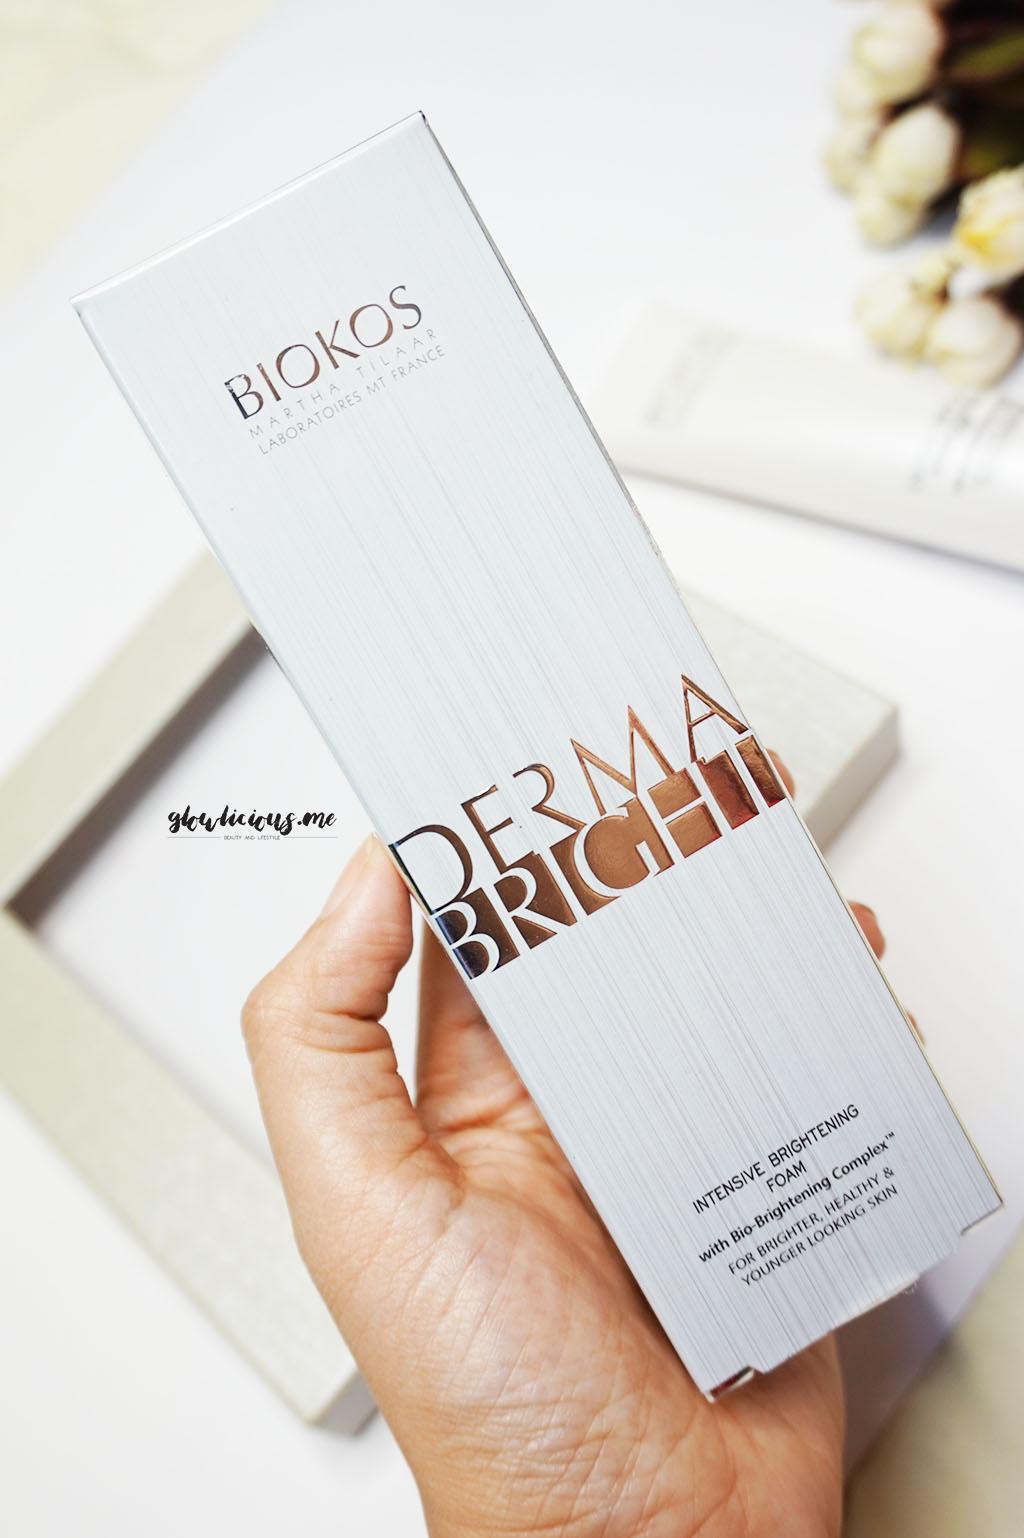 Biokos Derma Bright Intensive Brightening Cleanser